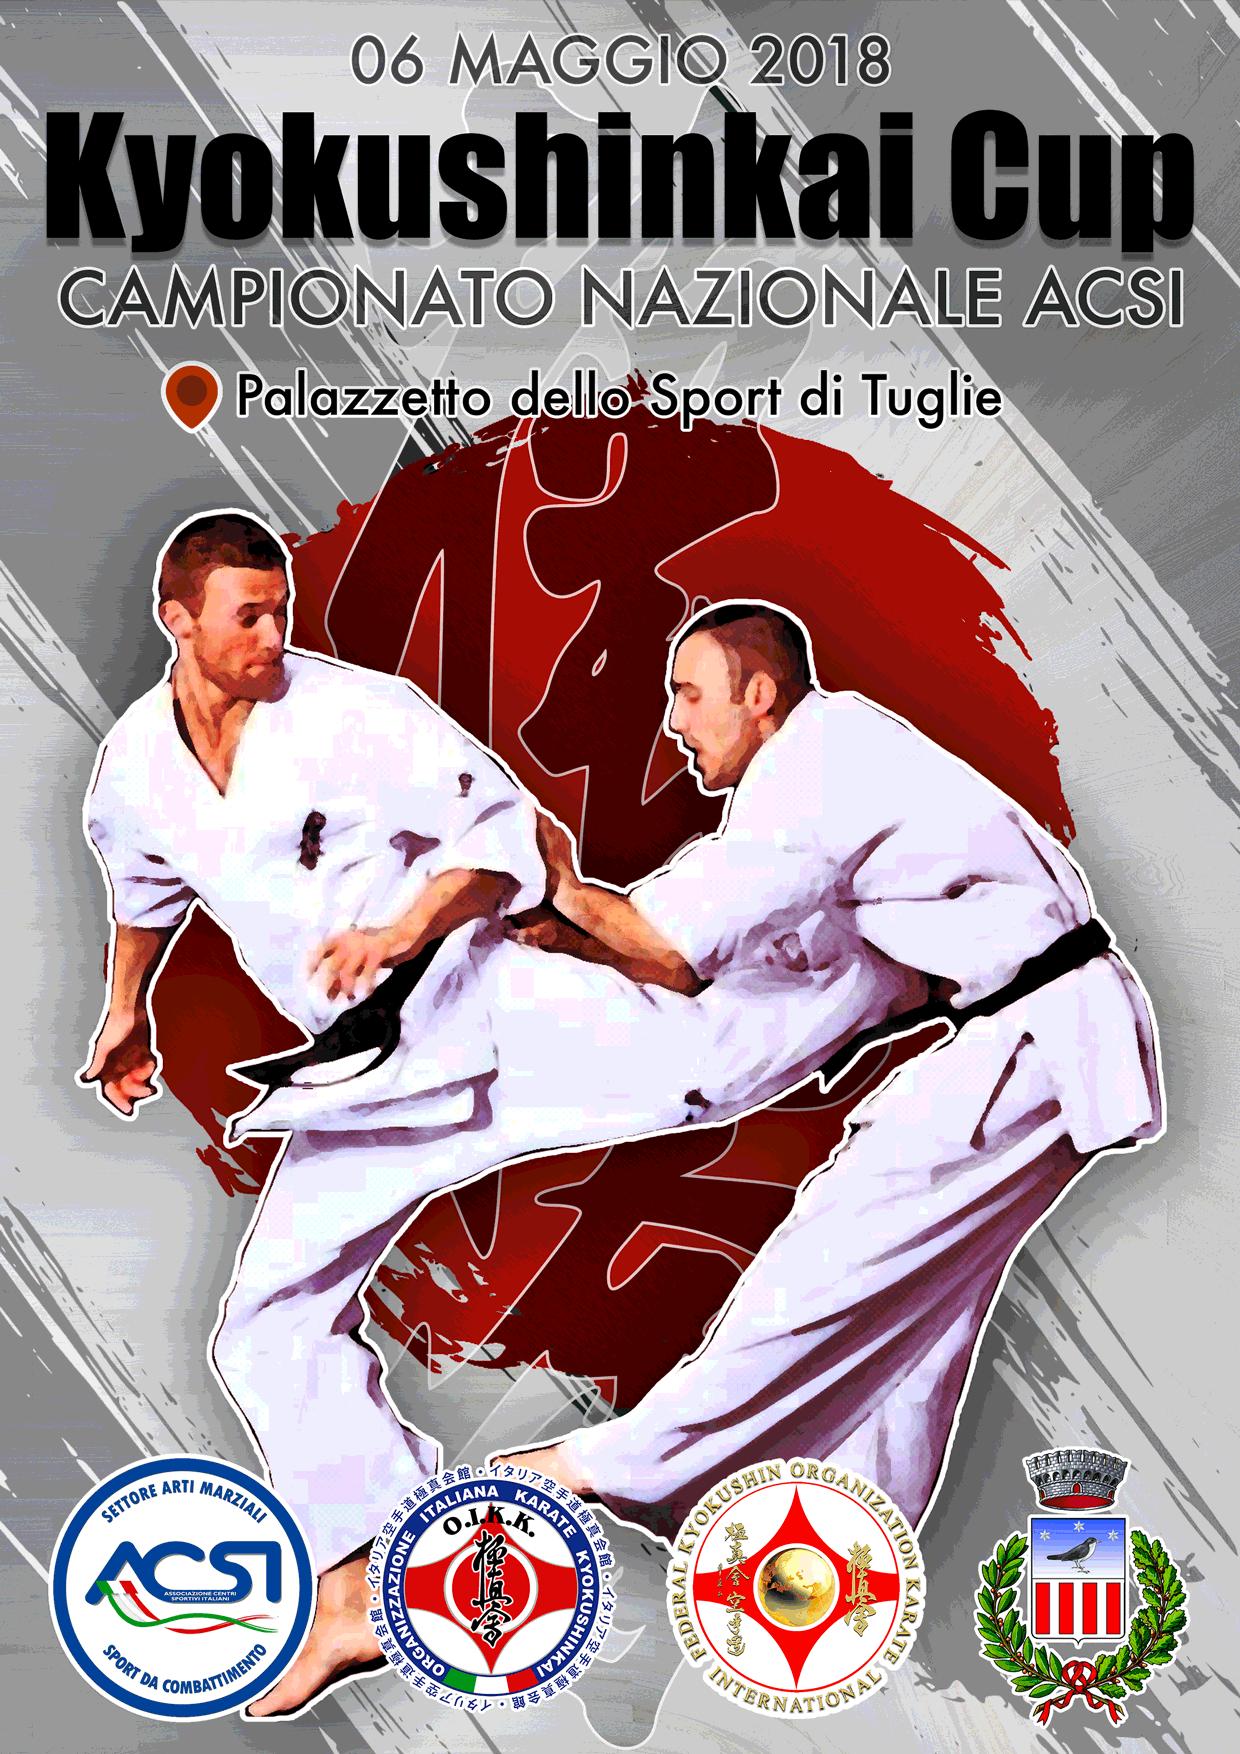 evento campionato nazionale